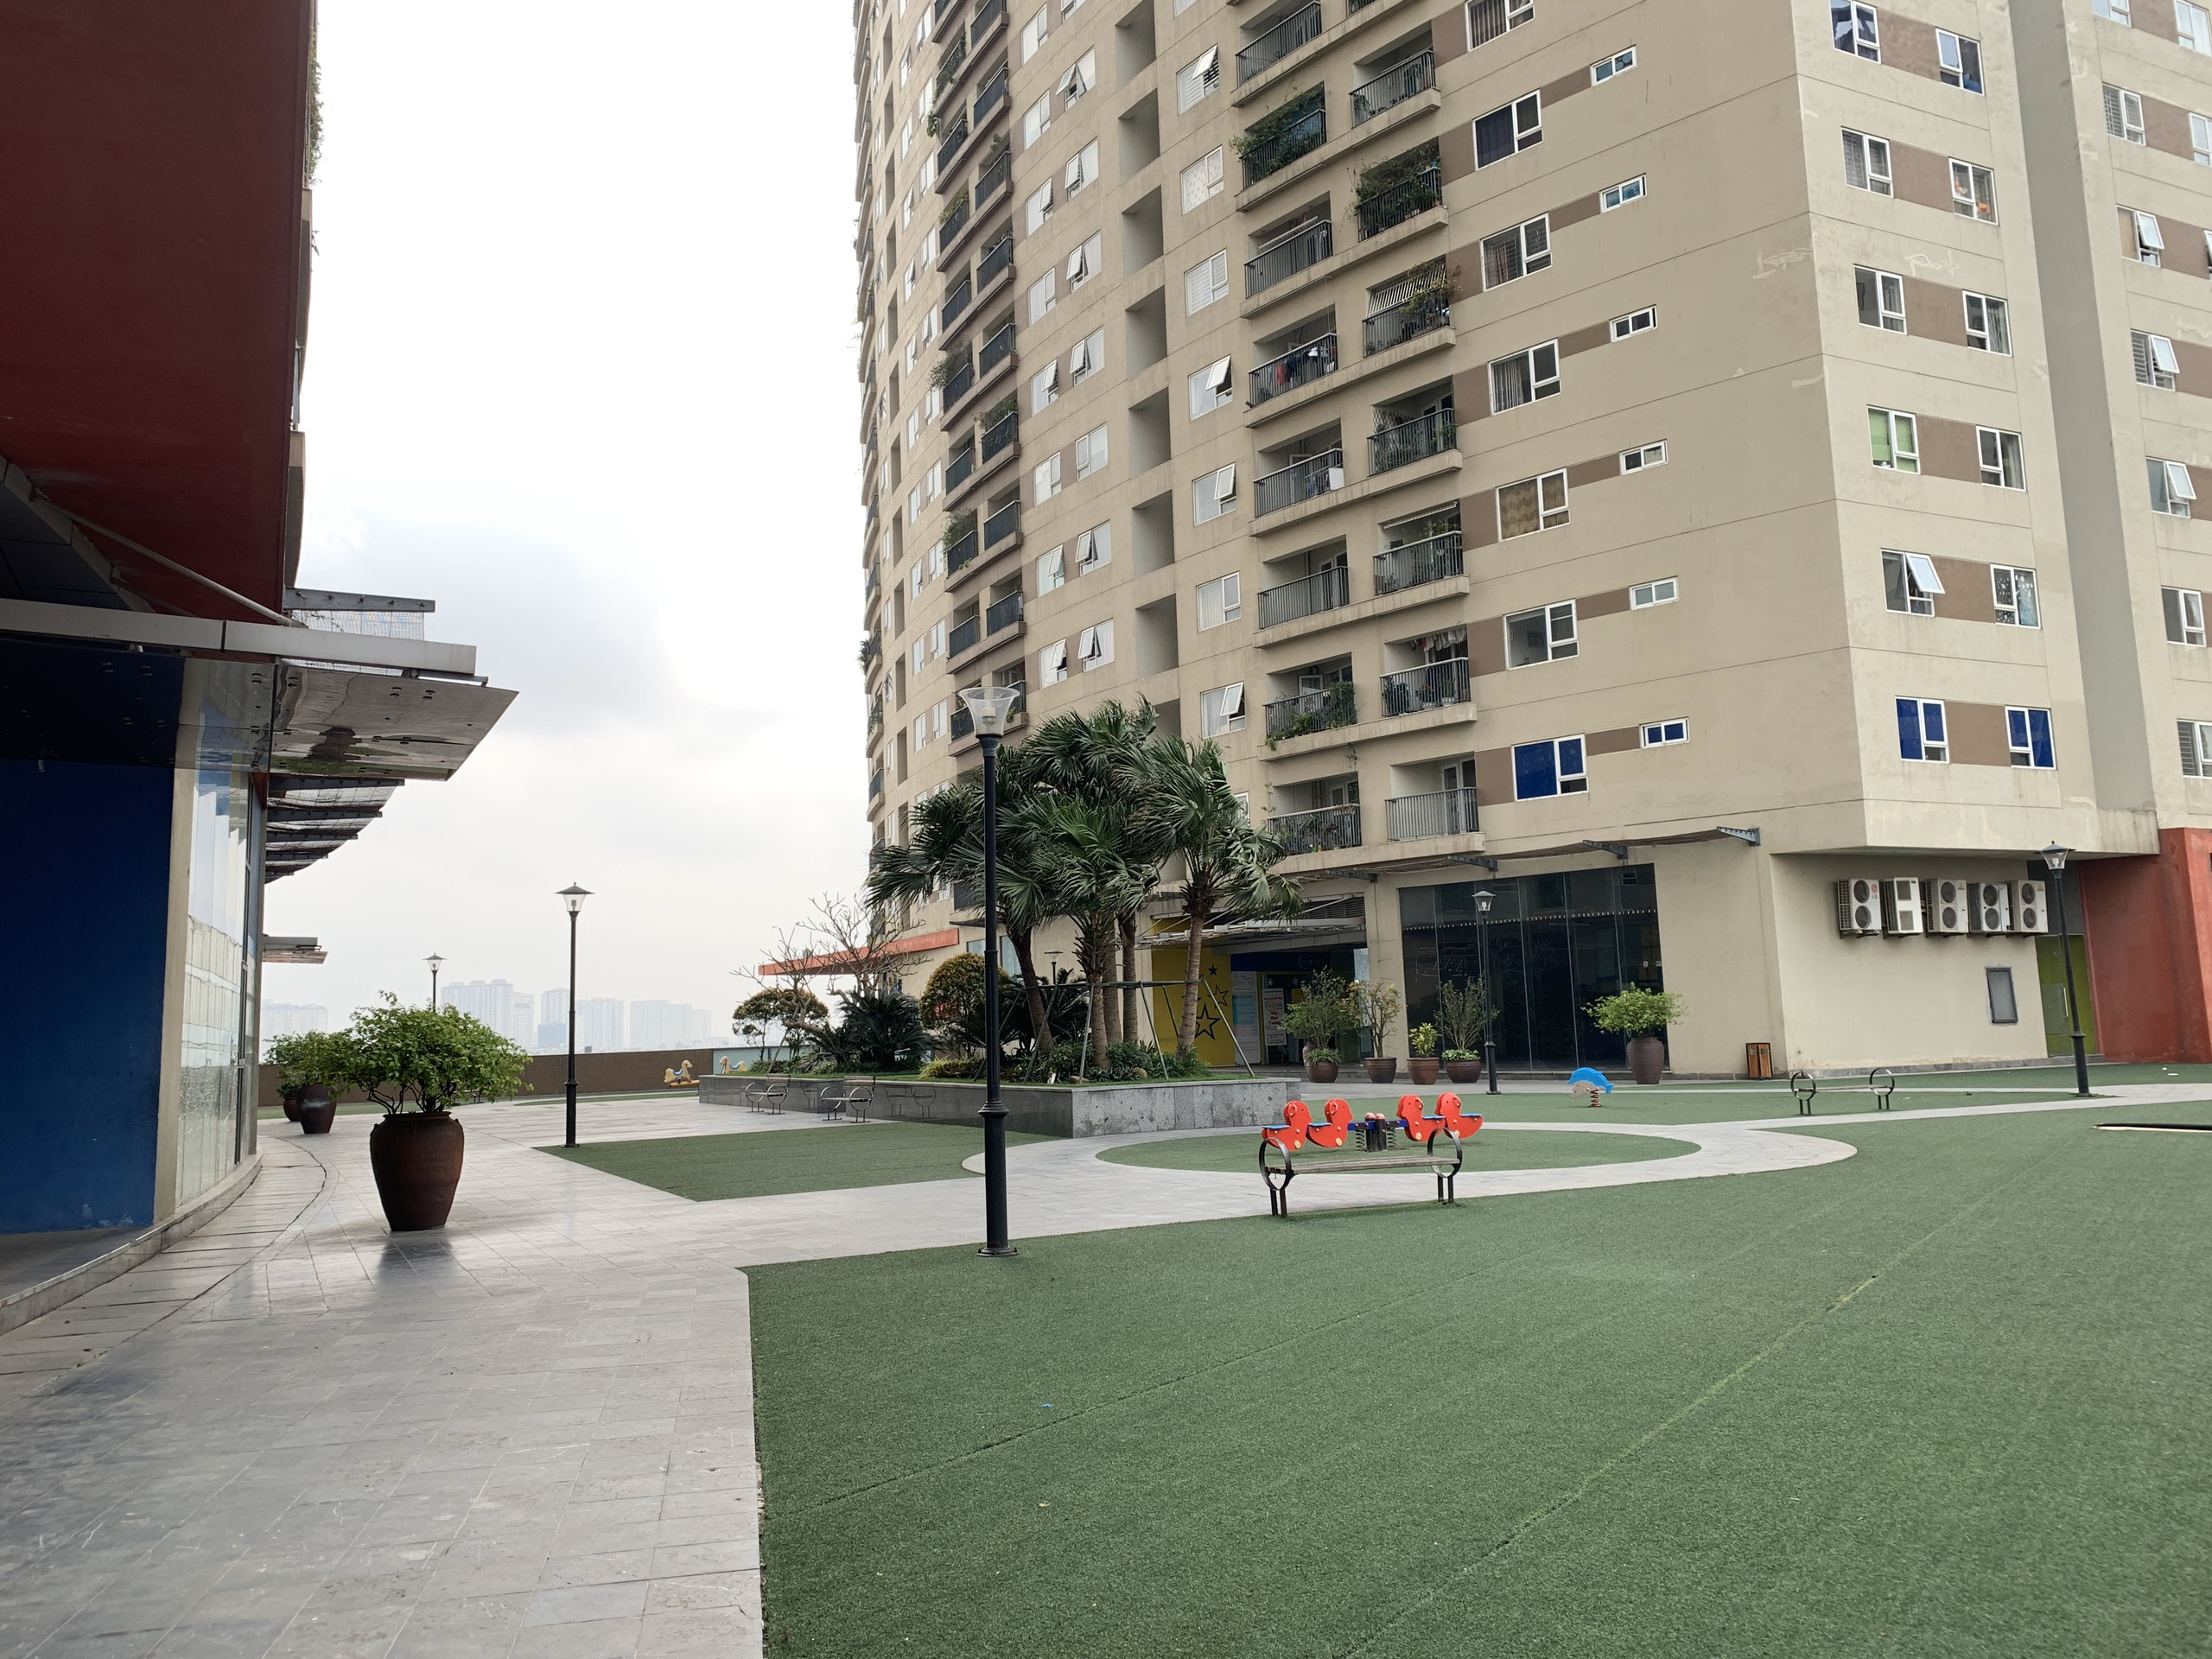 Bán Chung cư 3 phòng ngủ tòa V2, cửa Đông - Nam ban công Tây - Bắc, Chung cư Văn Phú Victoria - Hà Đông - Hà Nội [#H2651.1997]